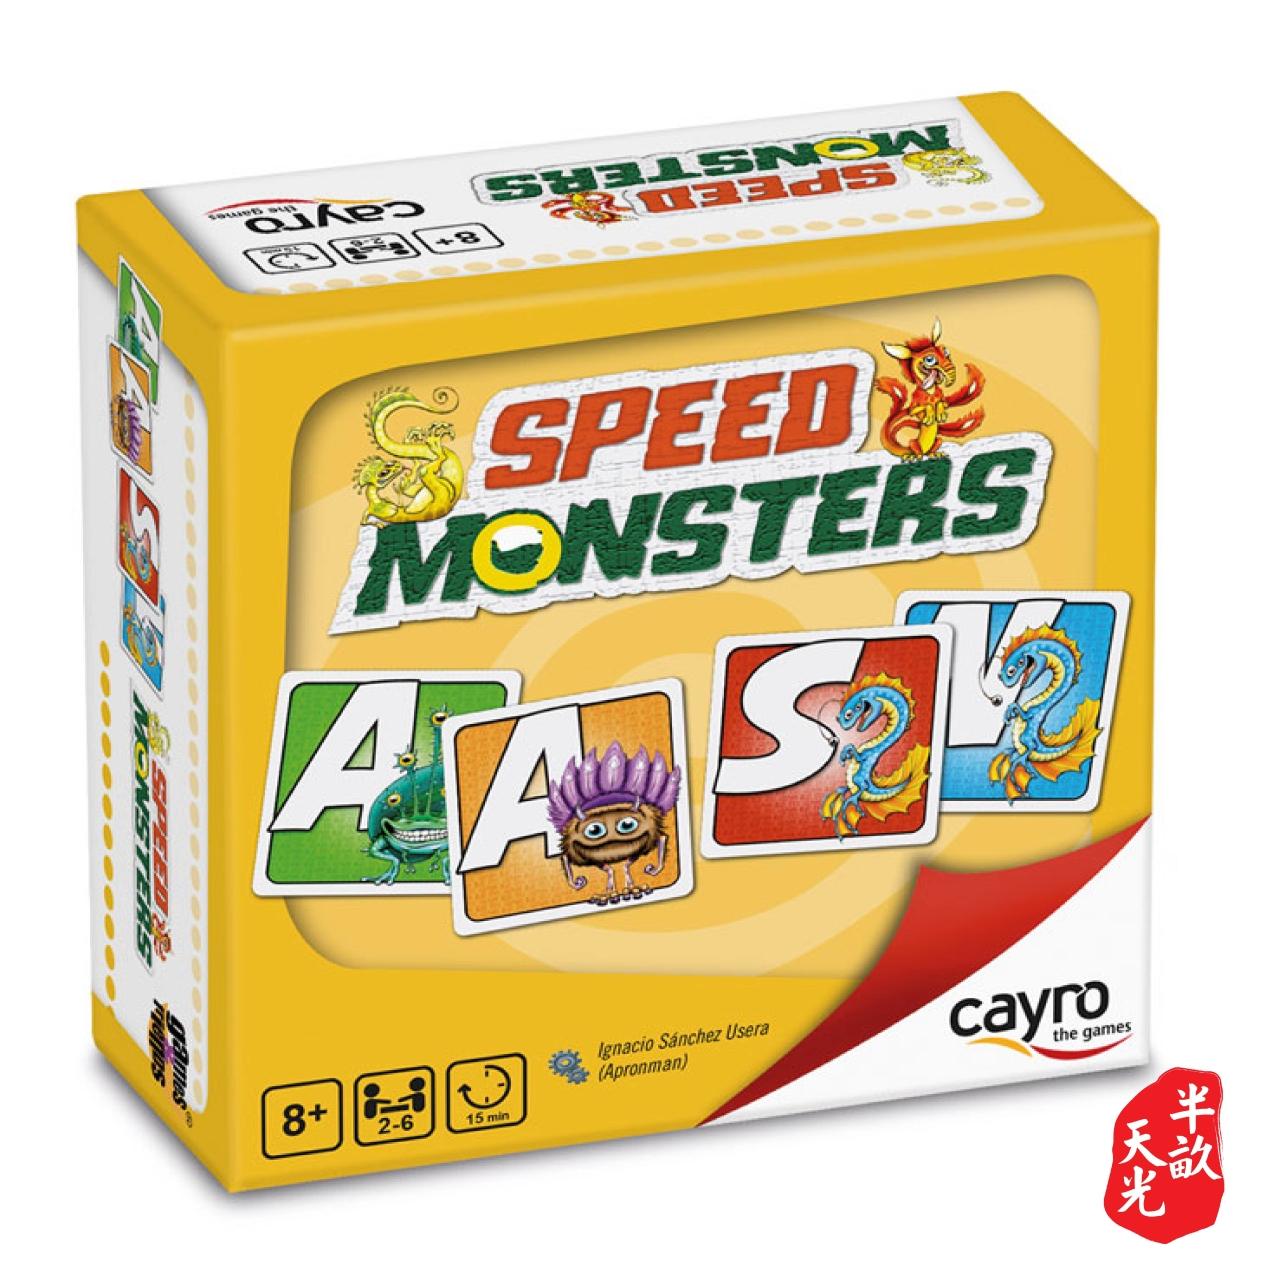 儿童桌游/儿童游戏/正版桌游: Speed Monster 极速怪兽